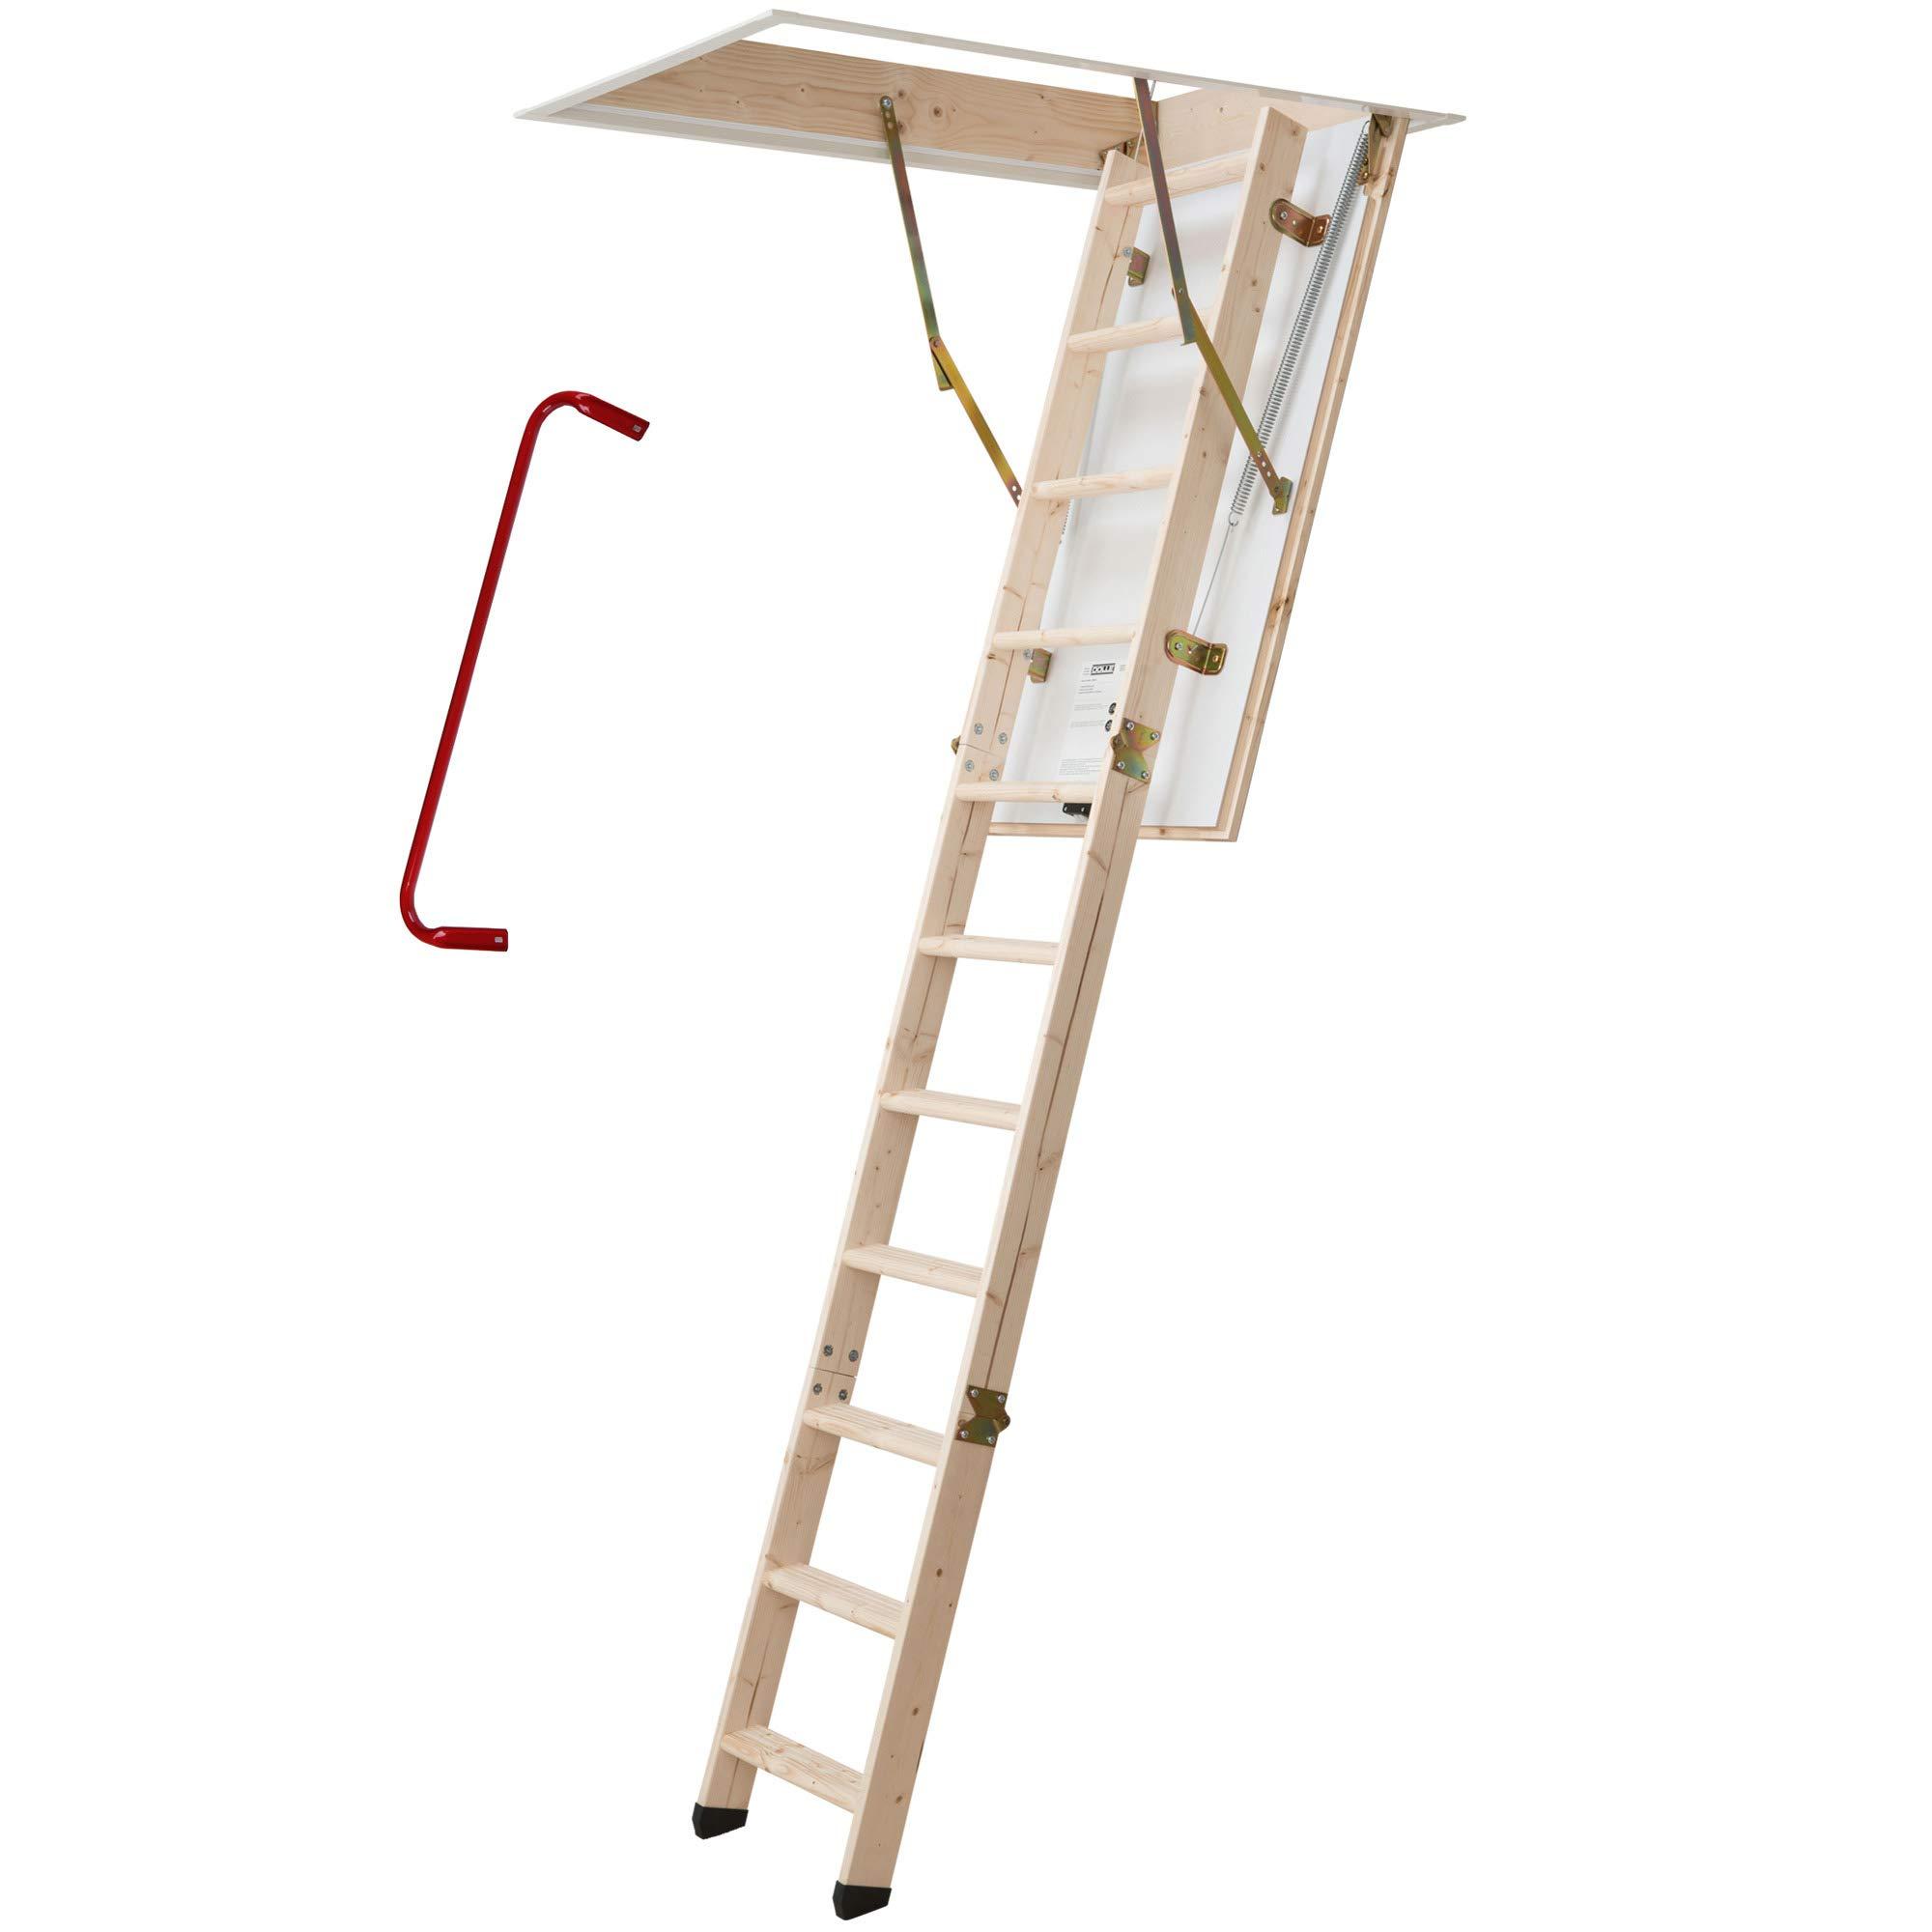 Dolle Escaleras, wärmegedämmt, 3 Juego de escalera notebook, espacio interior altura hasta 285 cm. U de